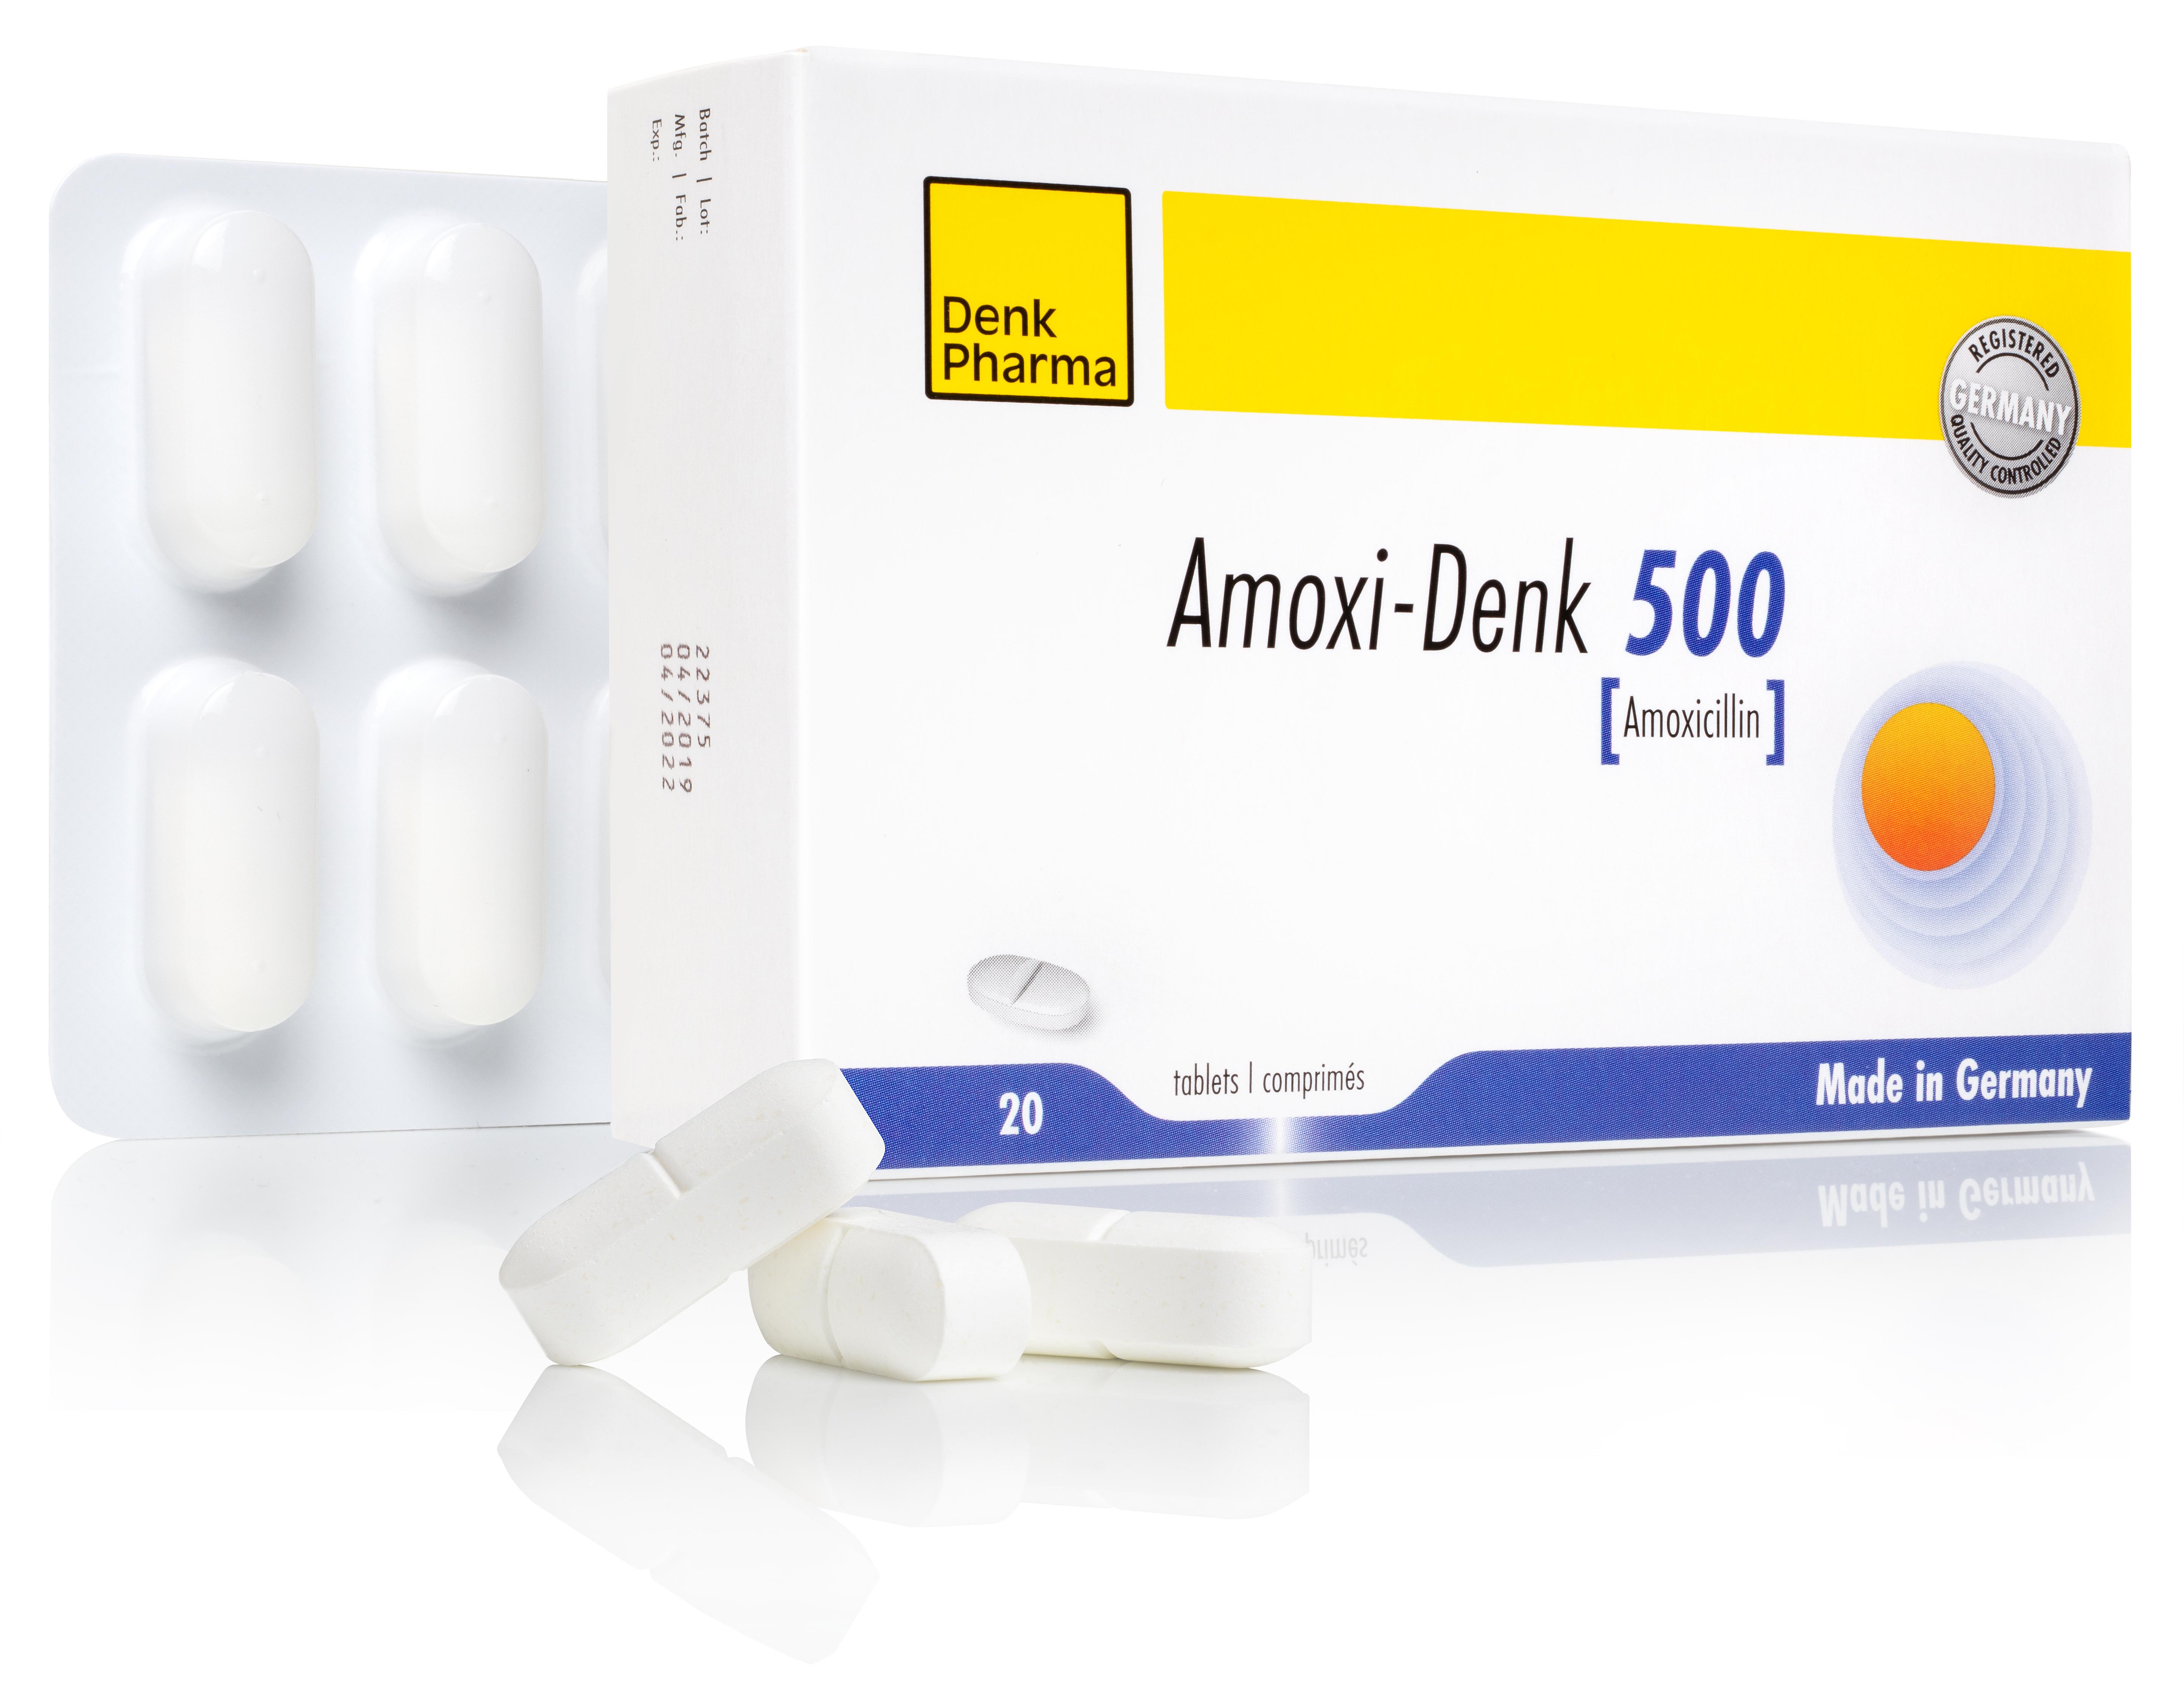 Amoxicillin_Denk_500mg_gross[1]